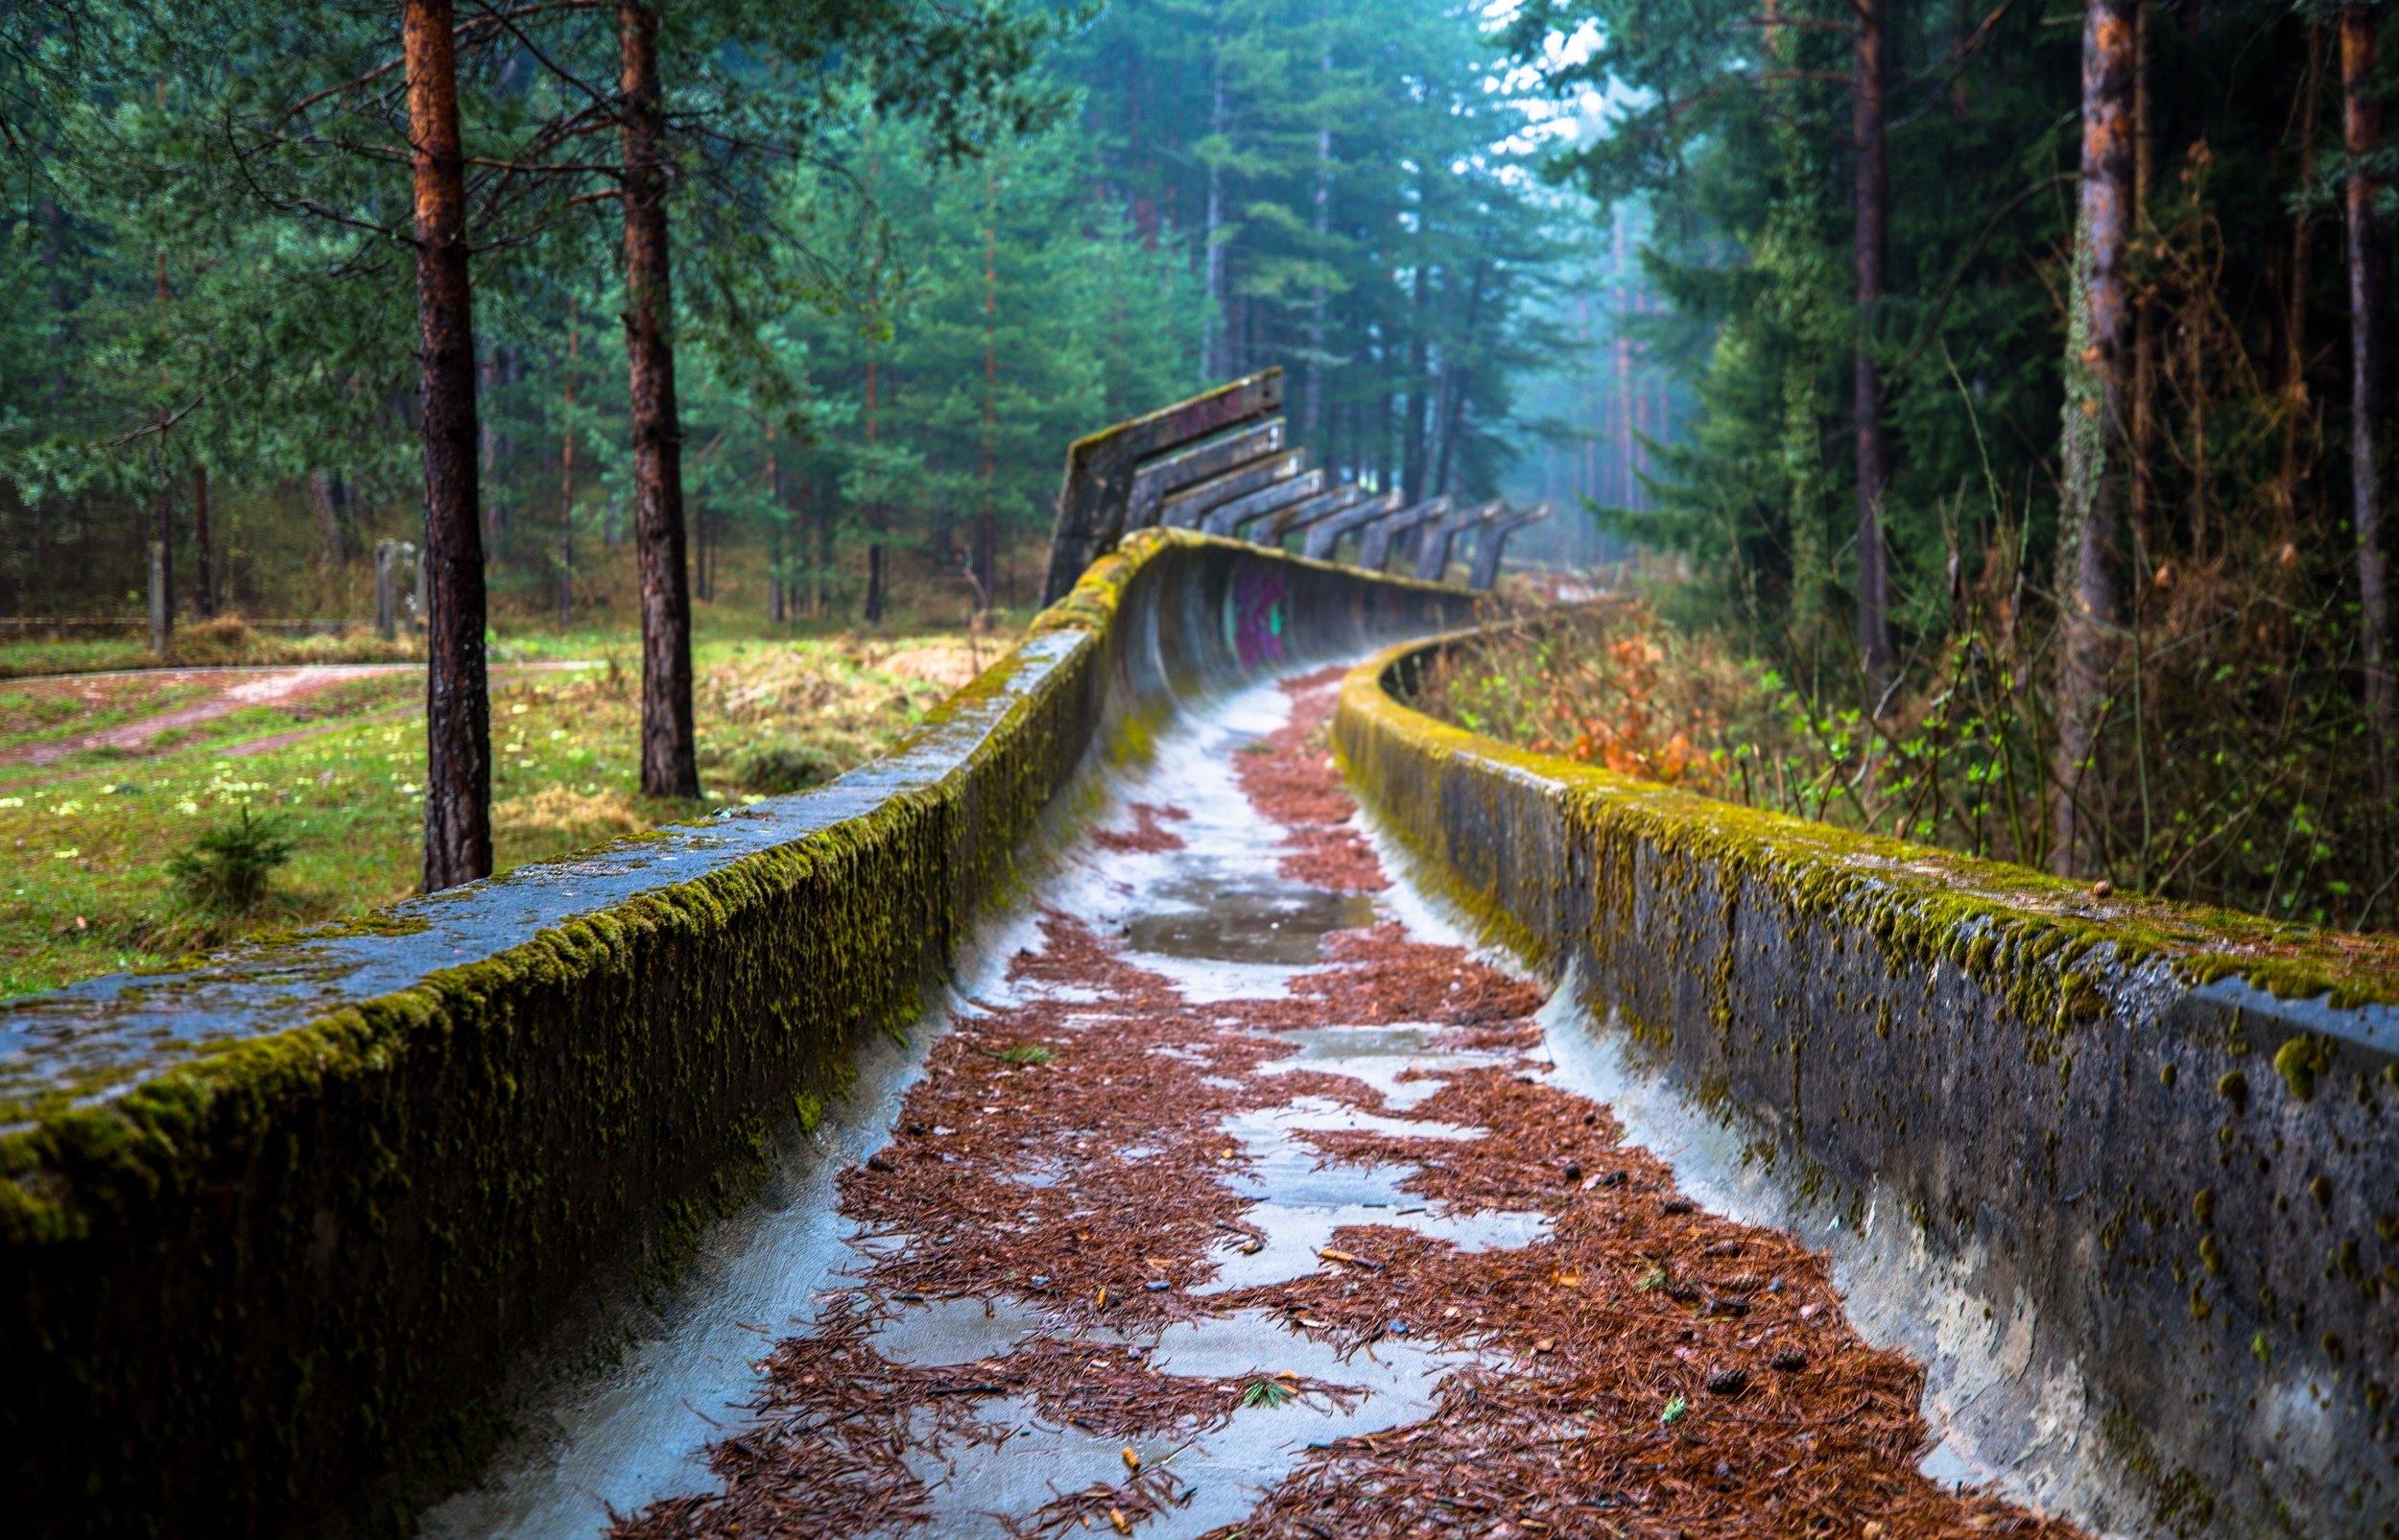 Sarajevo Winter Olympics, Photo by Ioanna Sakellaraki